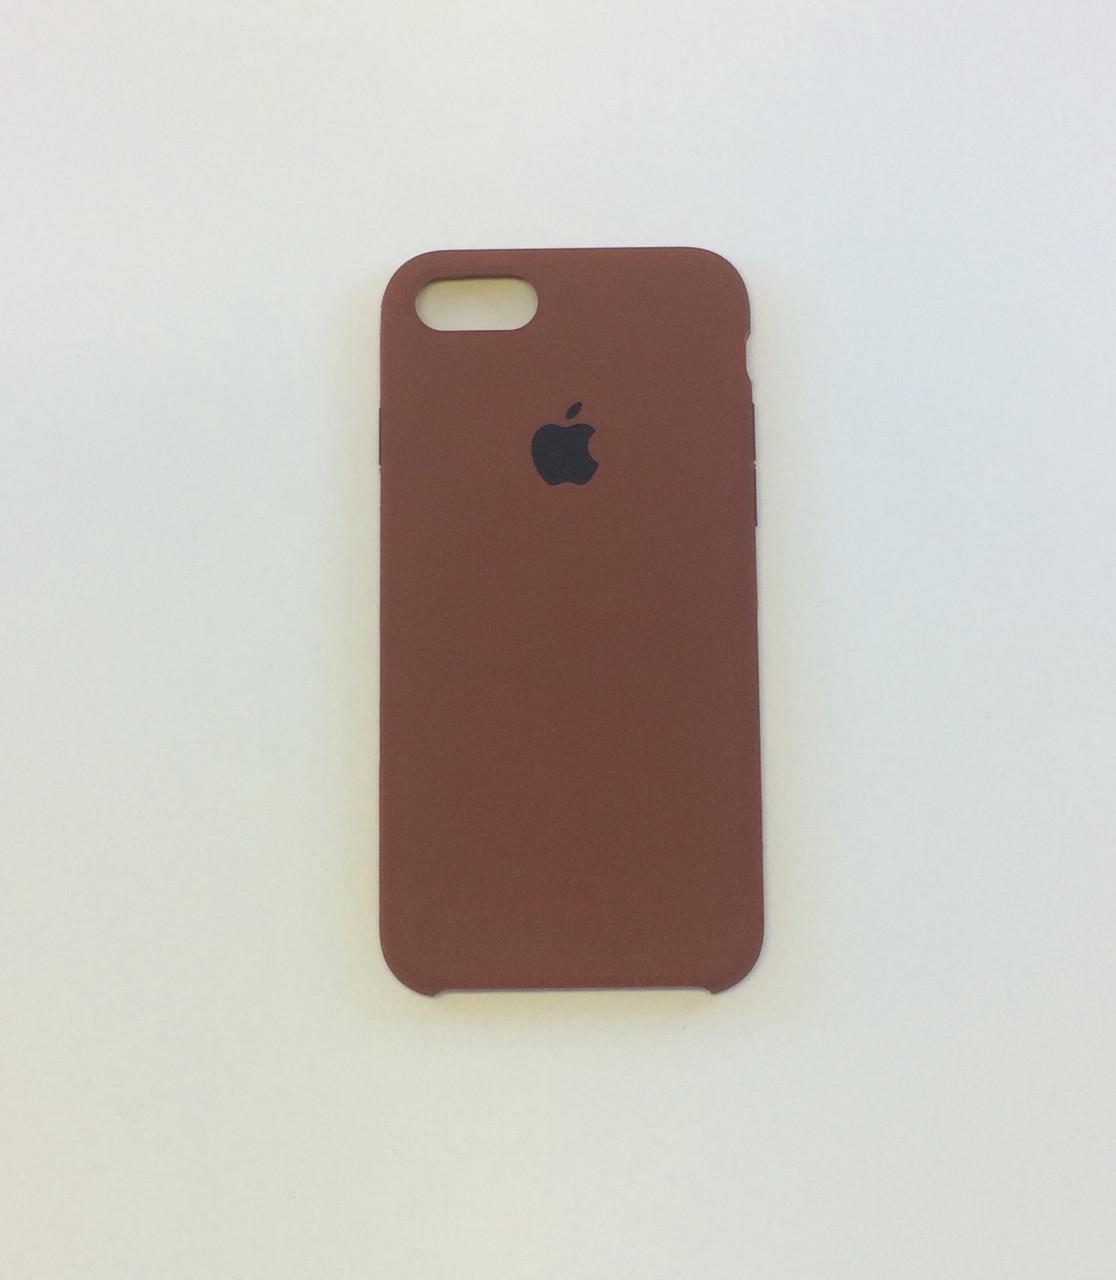 Силиконовый чехол iPhone 7 / 8, шоколад, №47 - copy original